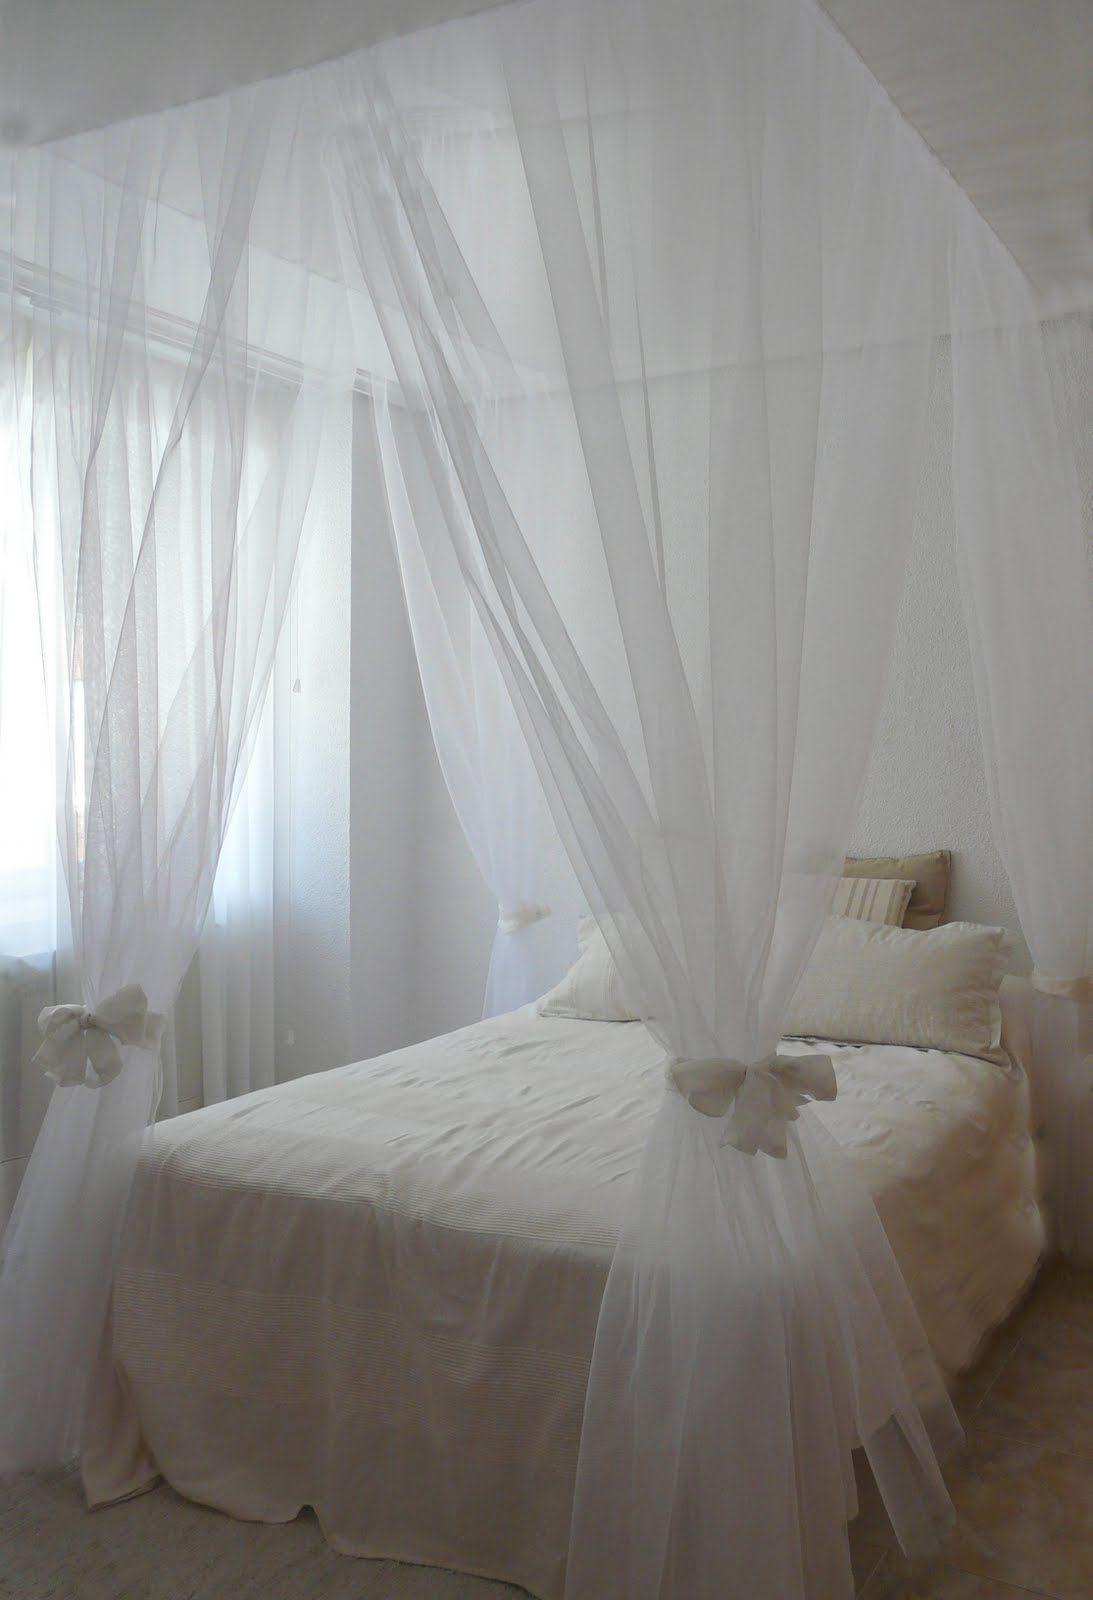 Trazoatrazo: Cama dosel | Cama | Pinterest | Camas, Dormitorio y ...